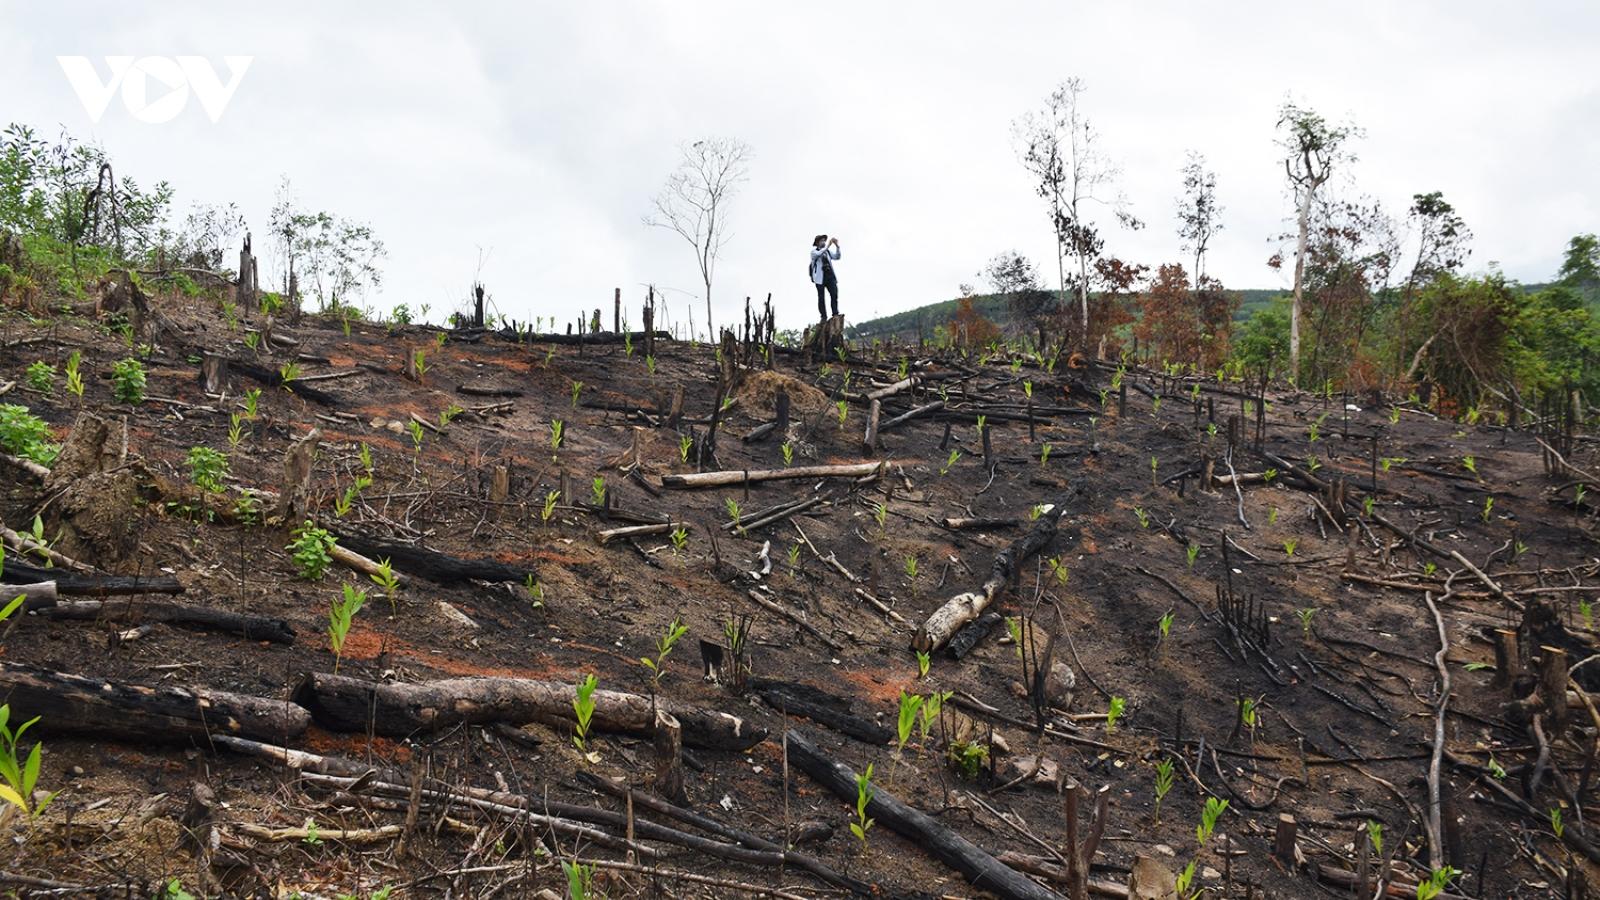 Rừng phòng hộ Phú Yên bị tàn phá, chủ rừng không biết?